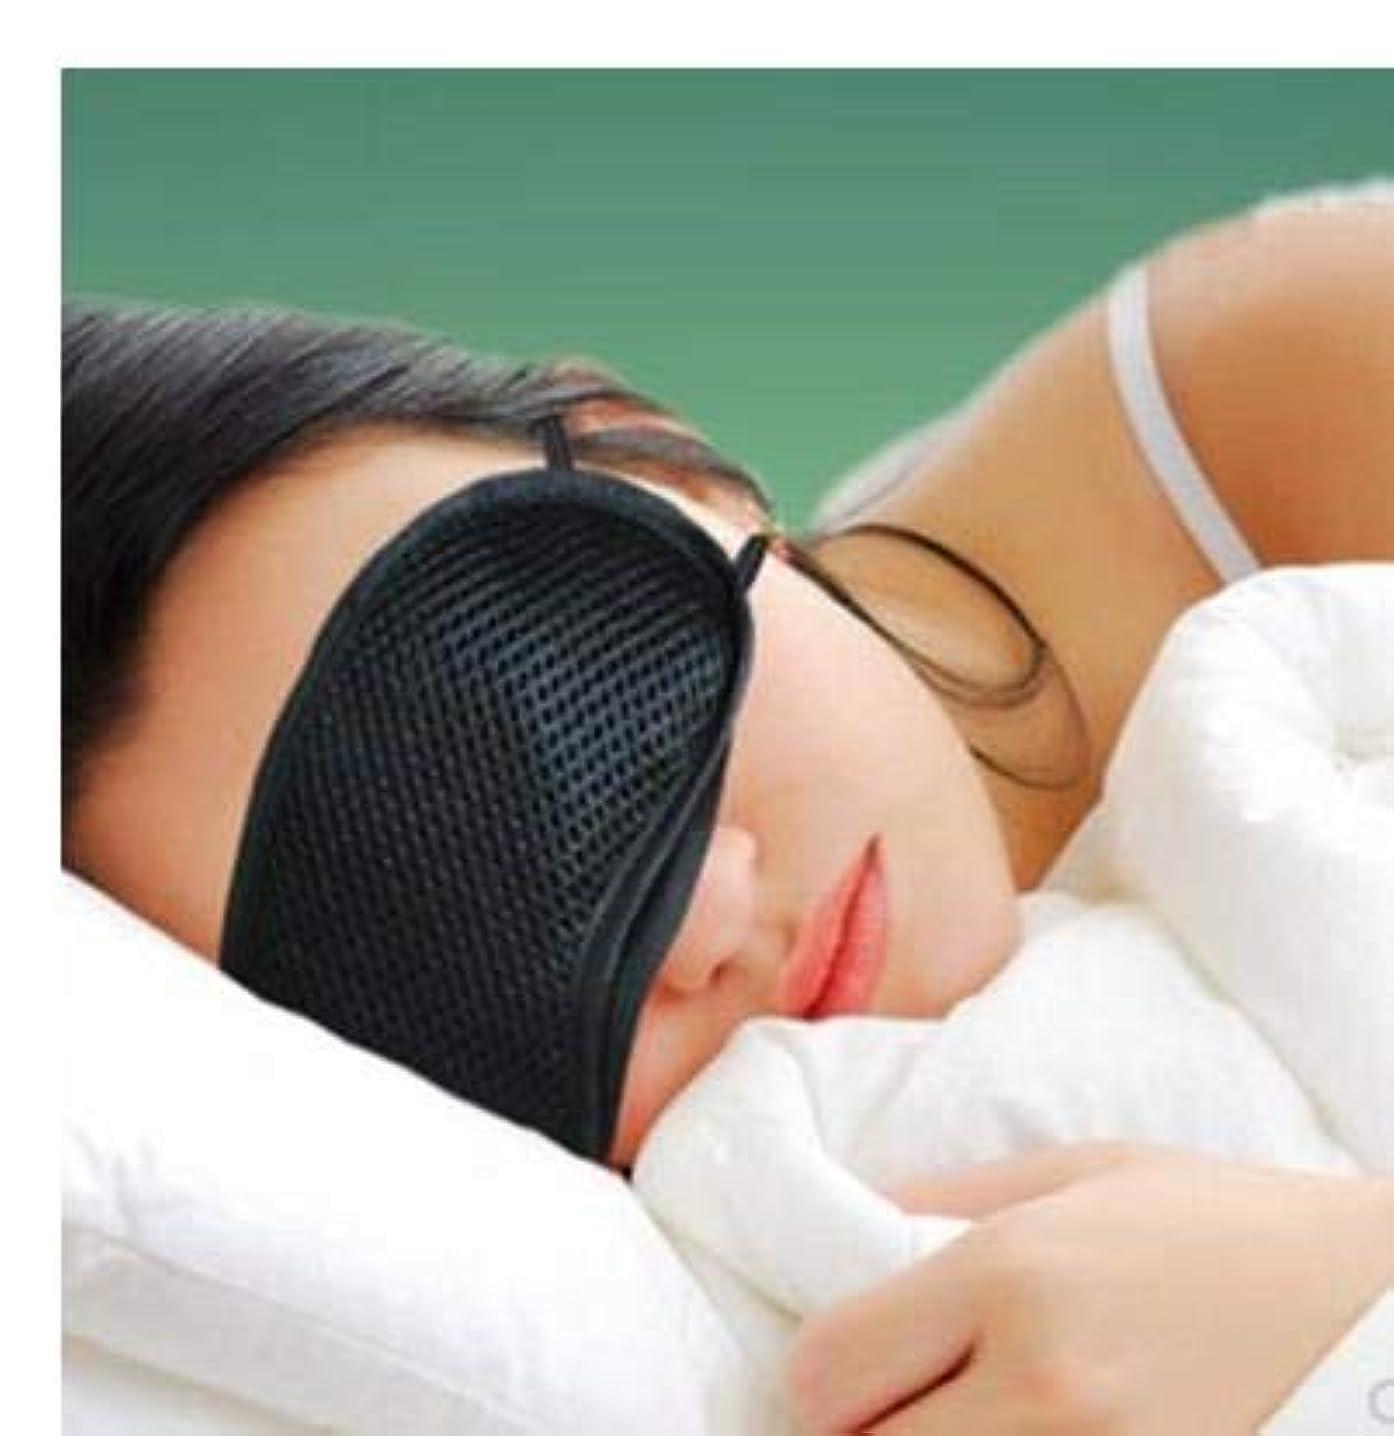 オセアニア勝利した従順NOTE 竹炭睡眠アイマスク用旅行残りの長さ調節可能な睡眠補助目隠し包帯アイパッチギフト用男性女性